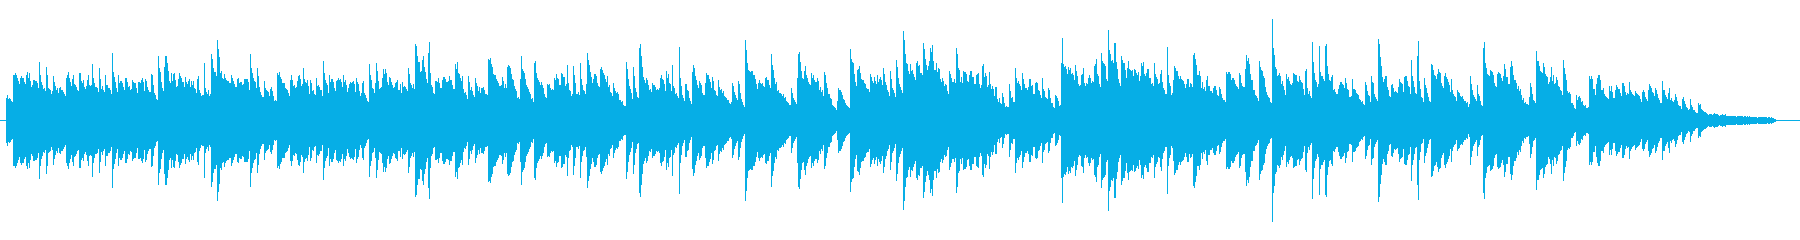 感動的で落ち着く映画音楽風のピアノソロの再生済みの波形